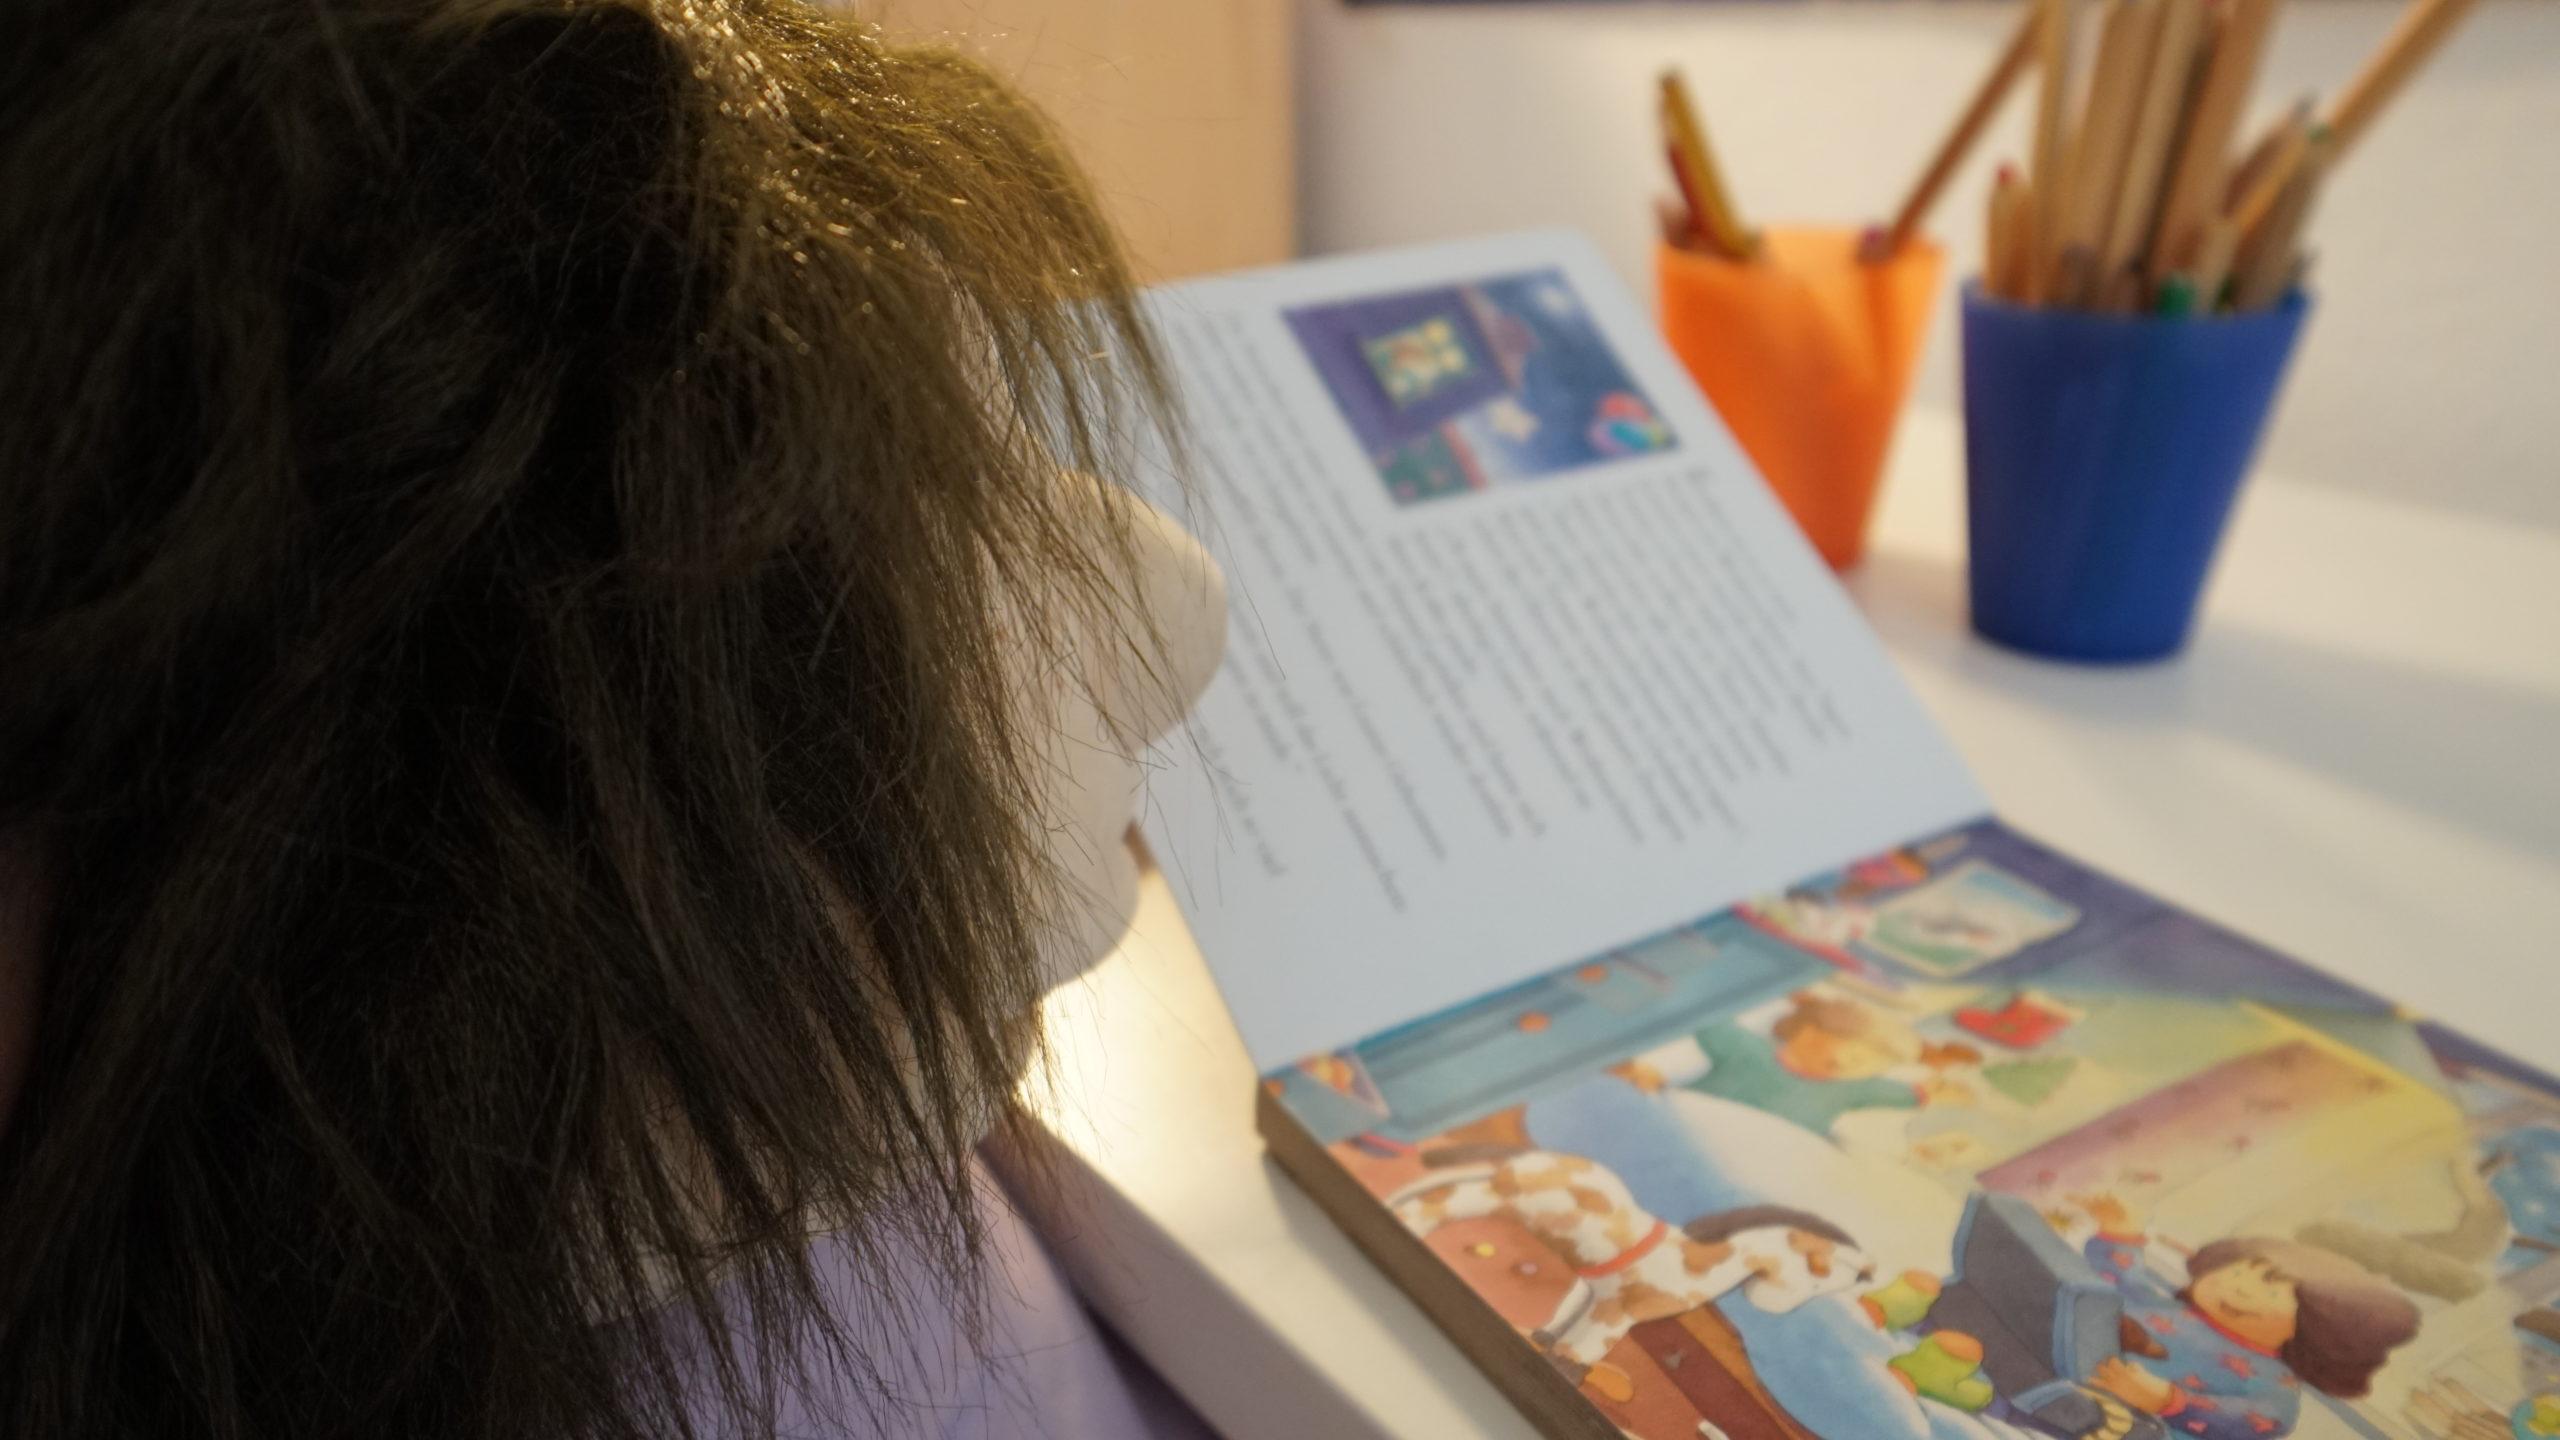 Puppe liest Buch im Warteraum